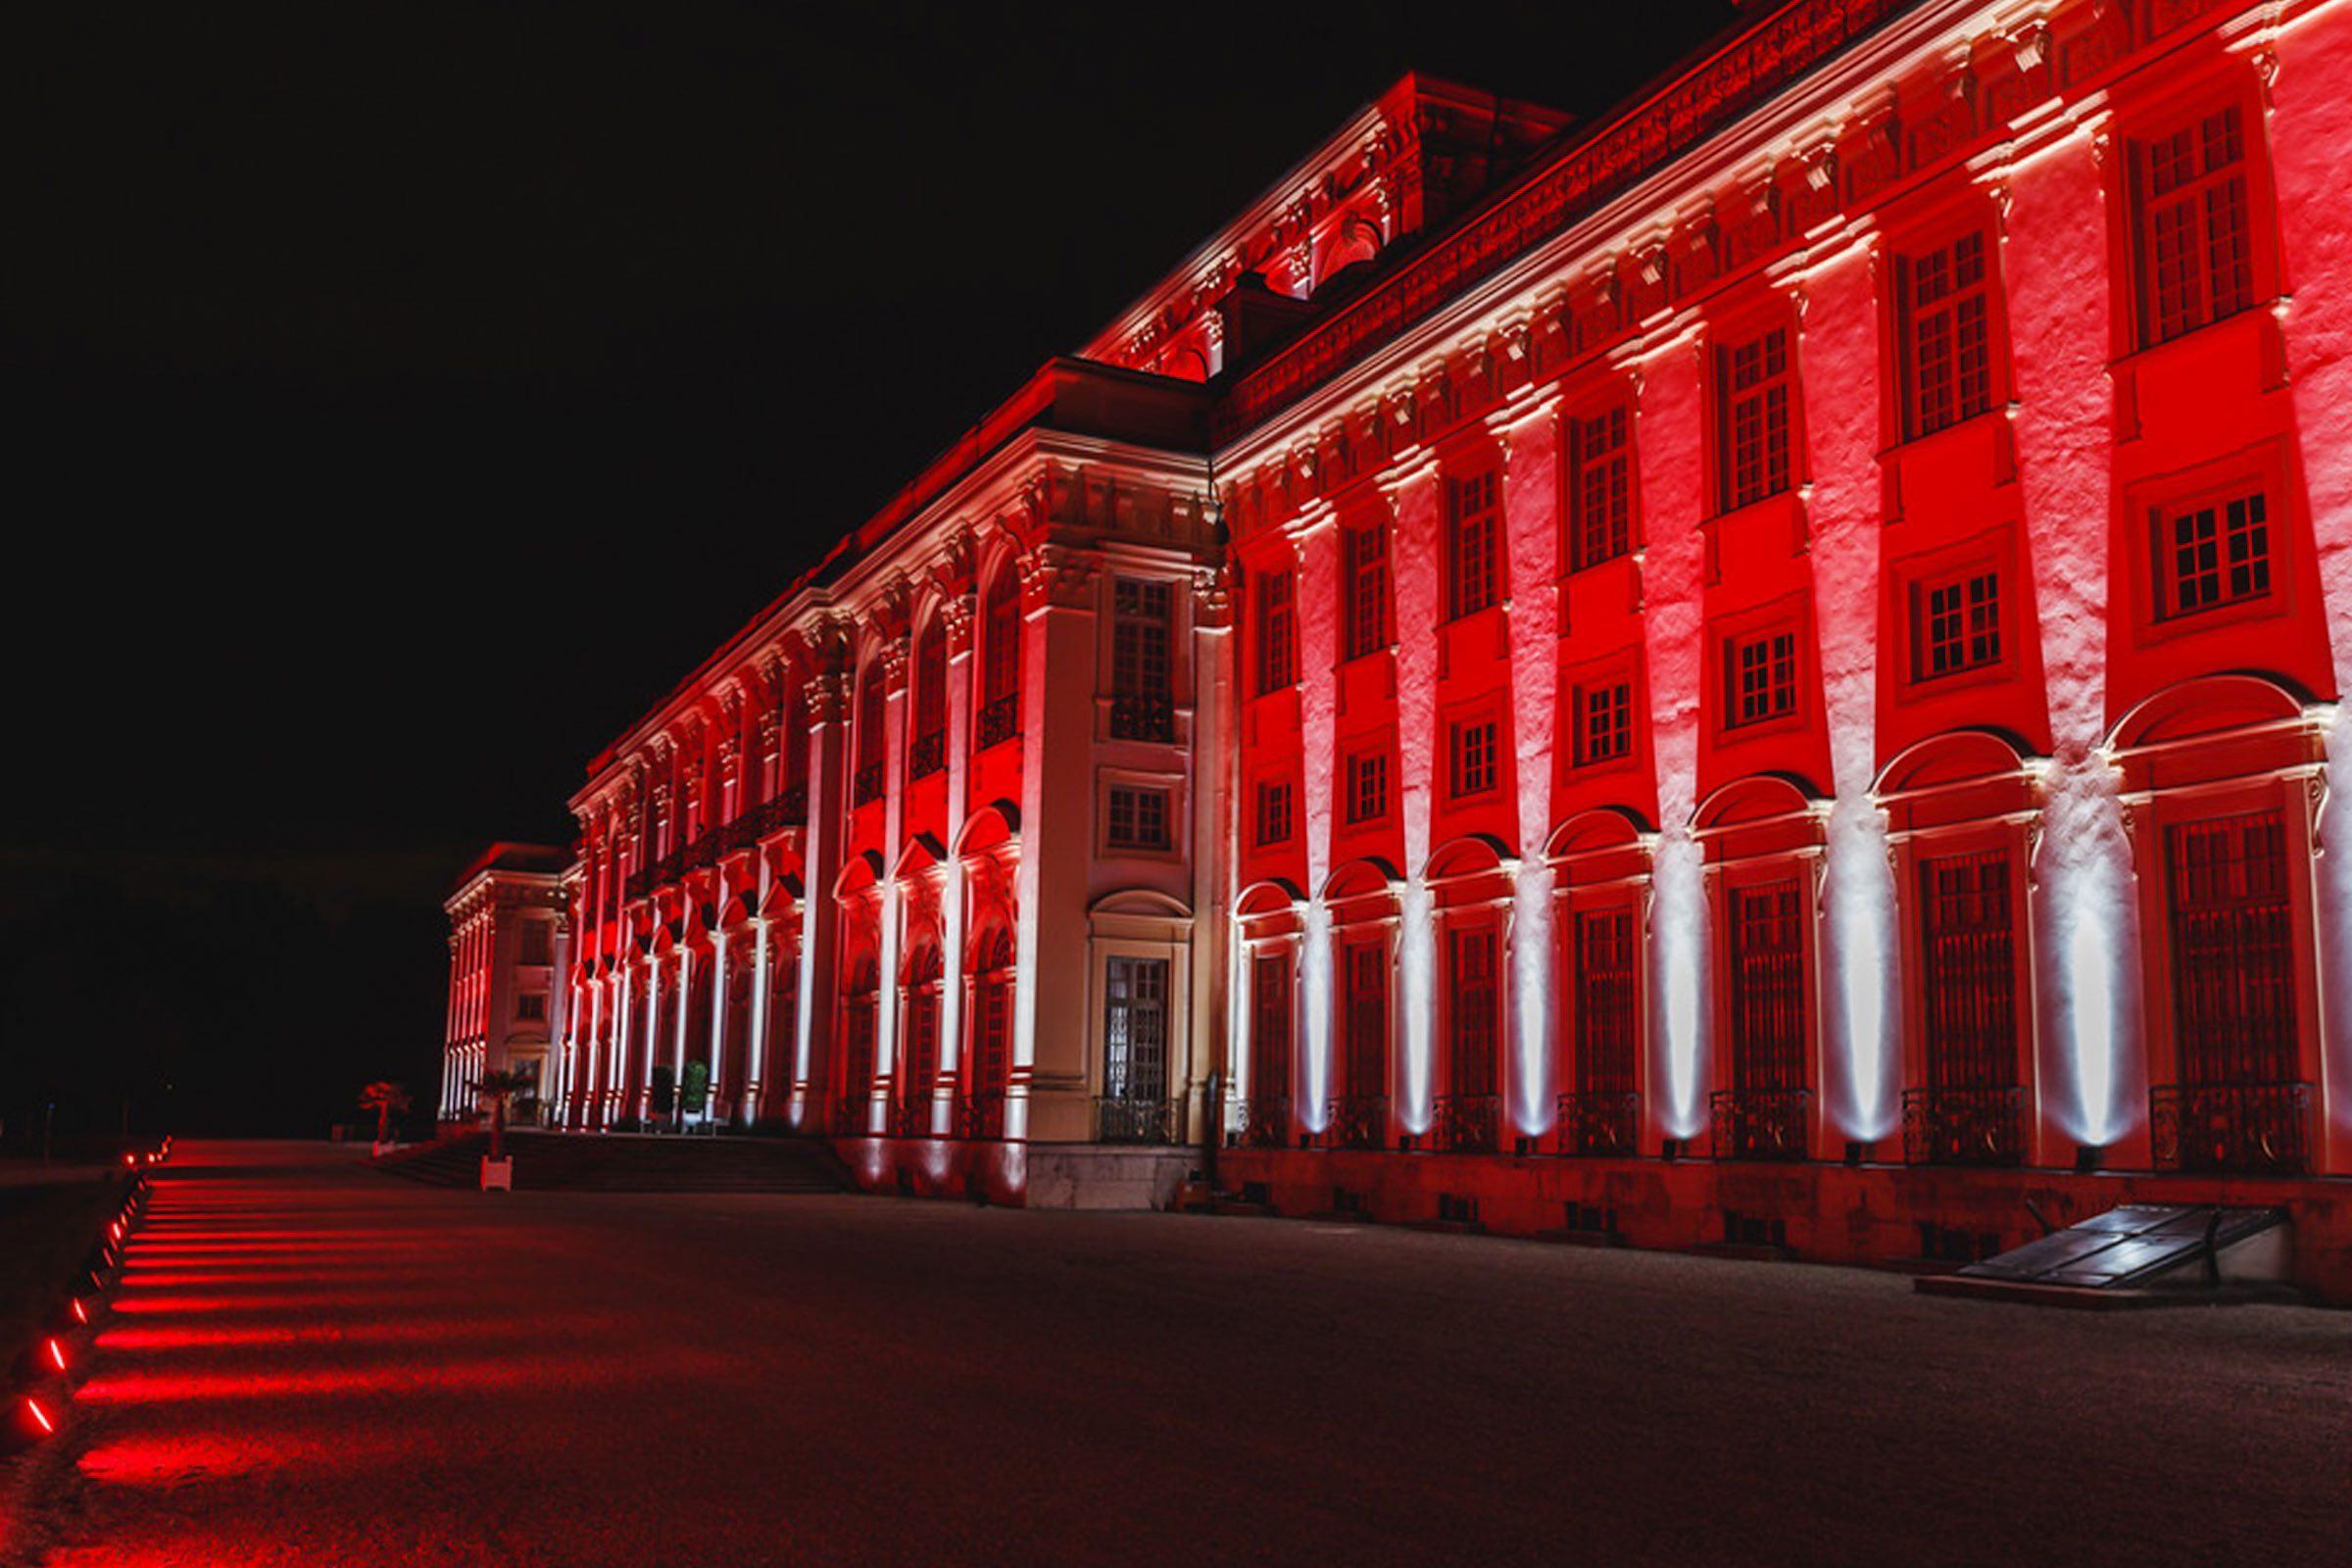 lichttechnik | Outdoor | Hannover | Veranstaltungstechnik | Fassadenbeleuchtung | Firmenfeier | Gala | Show | Akku | LED | Outdoor | Spots | Scheinwerfer | Buchen | Mieten | Lehmann | Eventservice